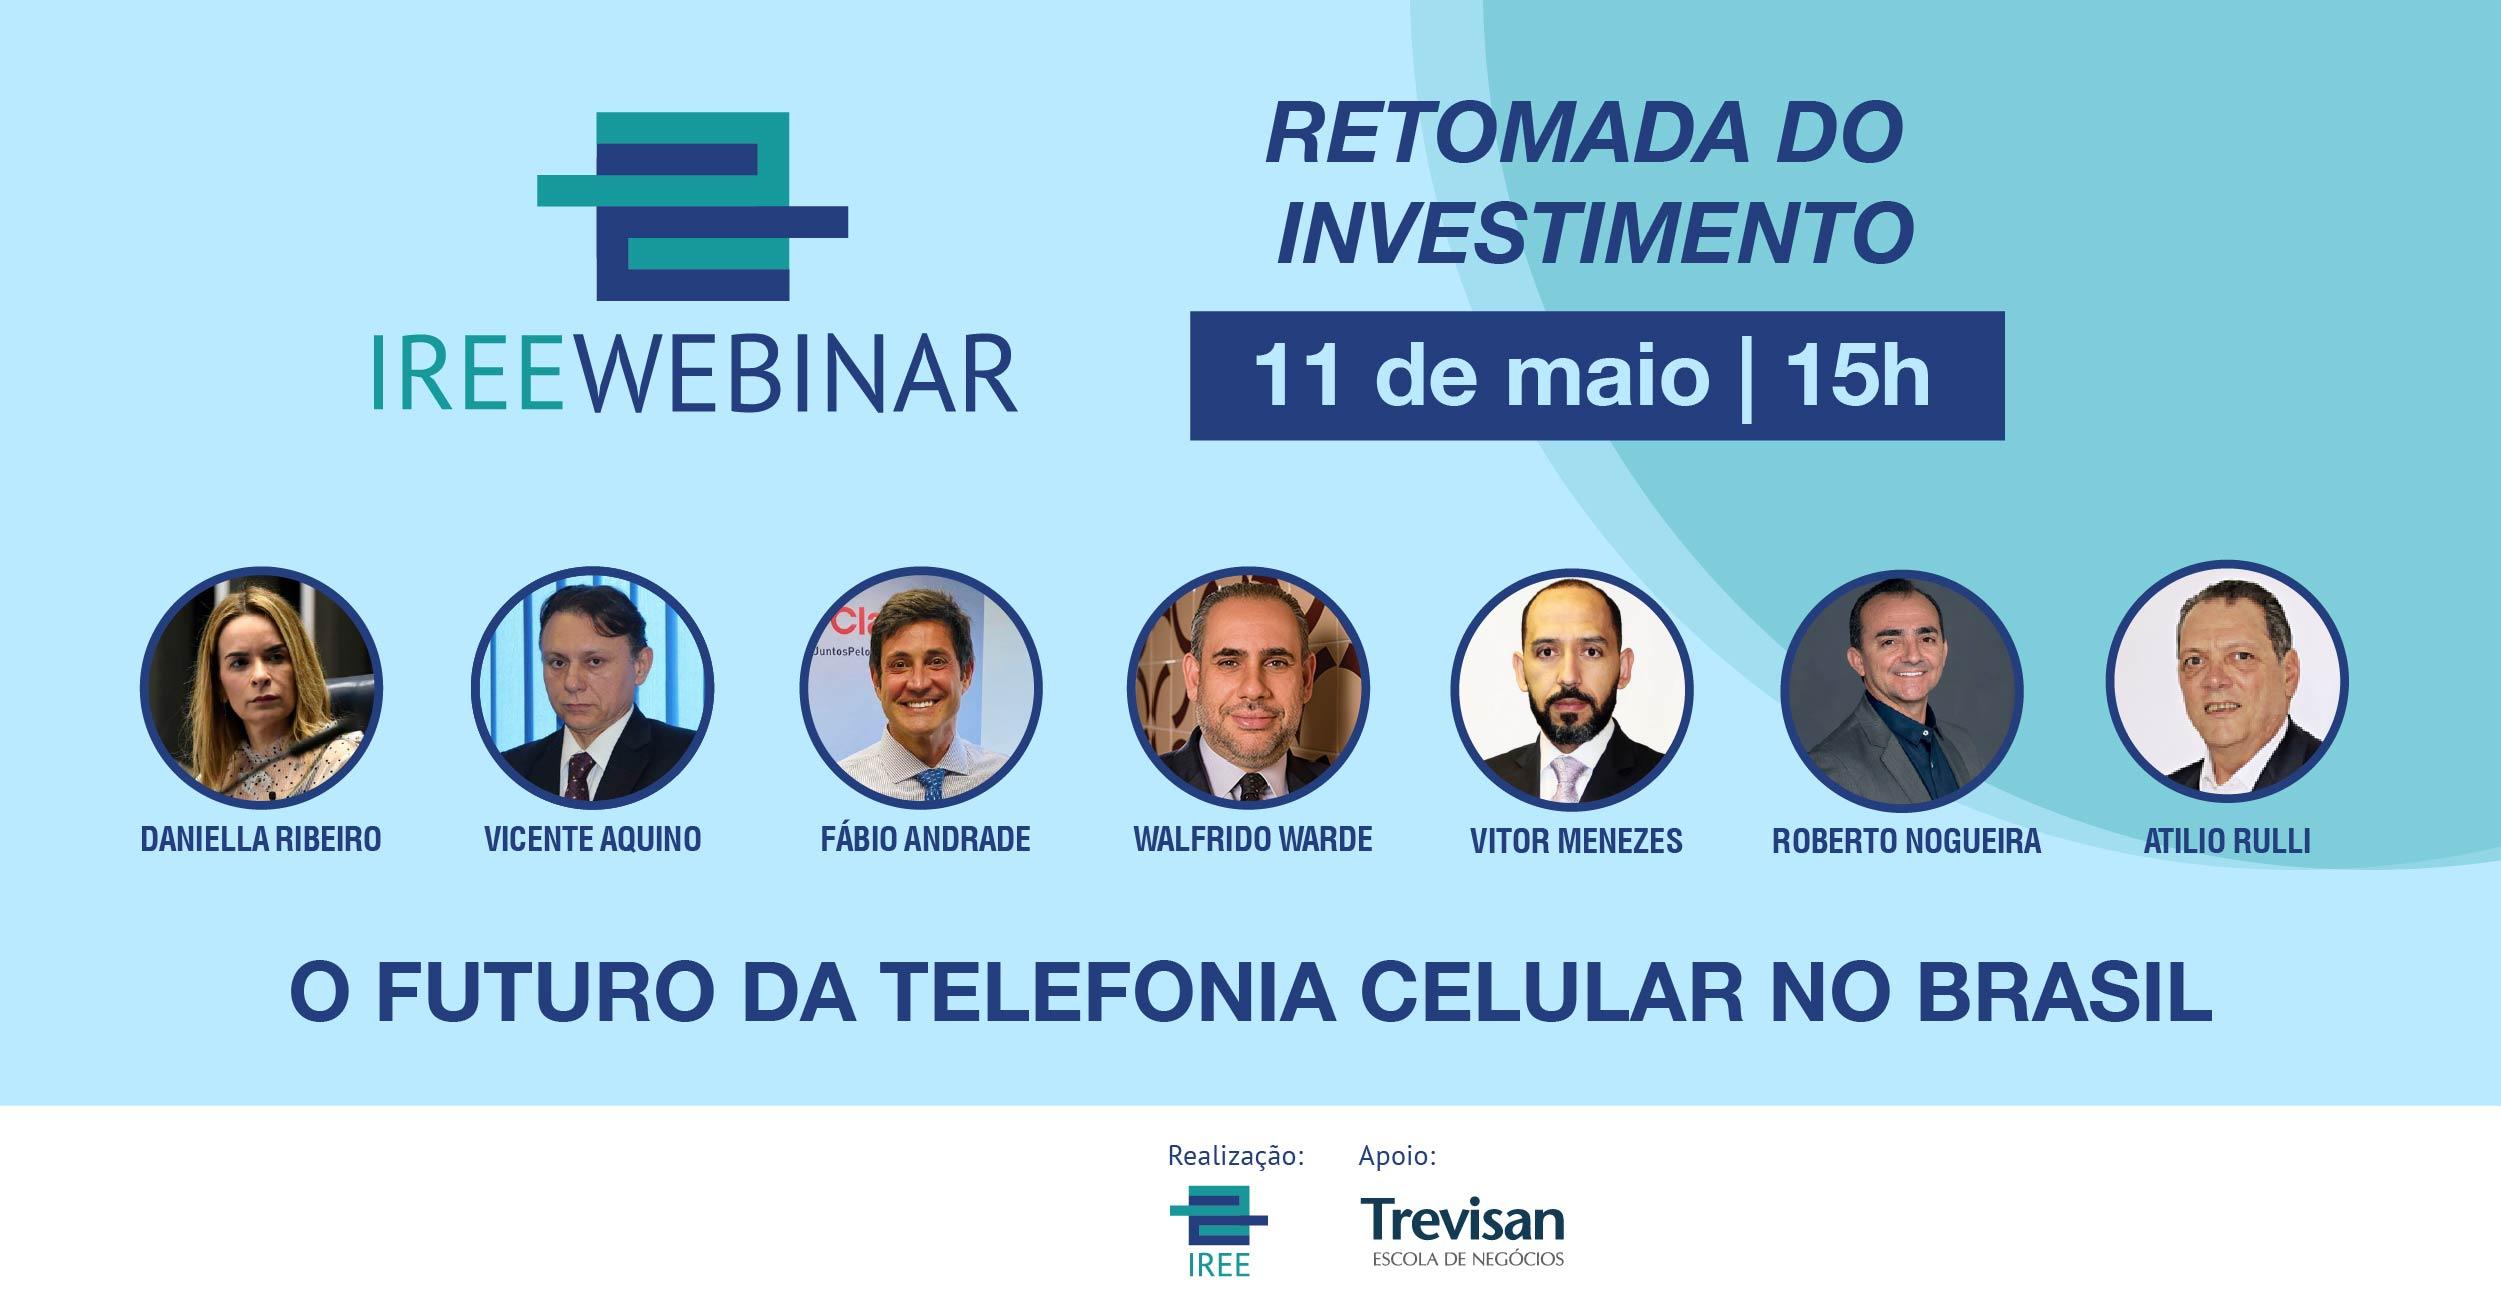 O futuro da telefonia celular no Brasil